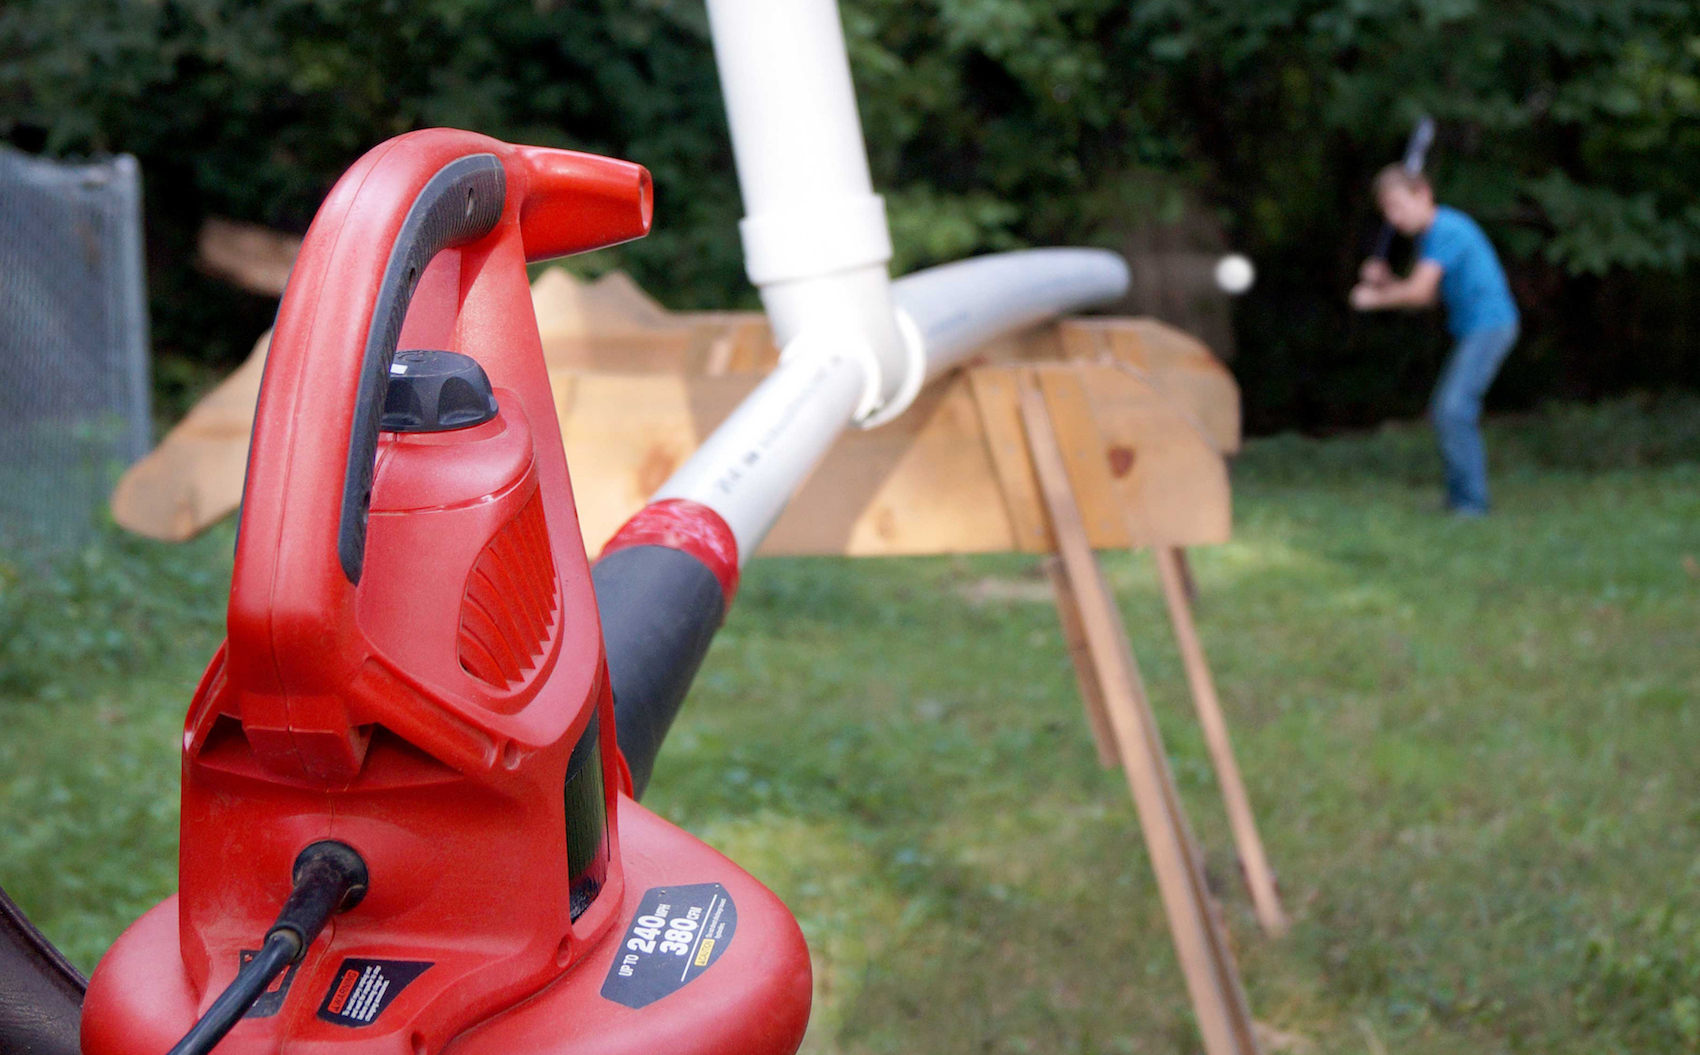 100 backyard ballistics book axe throwing niagara falls